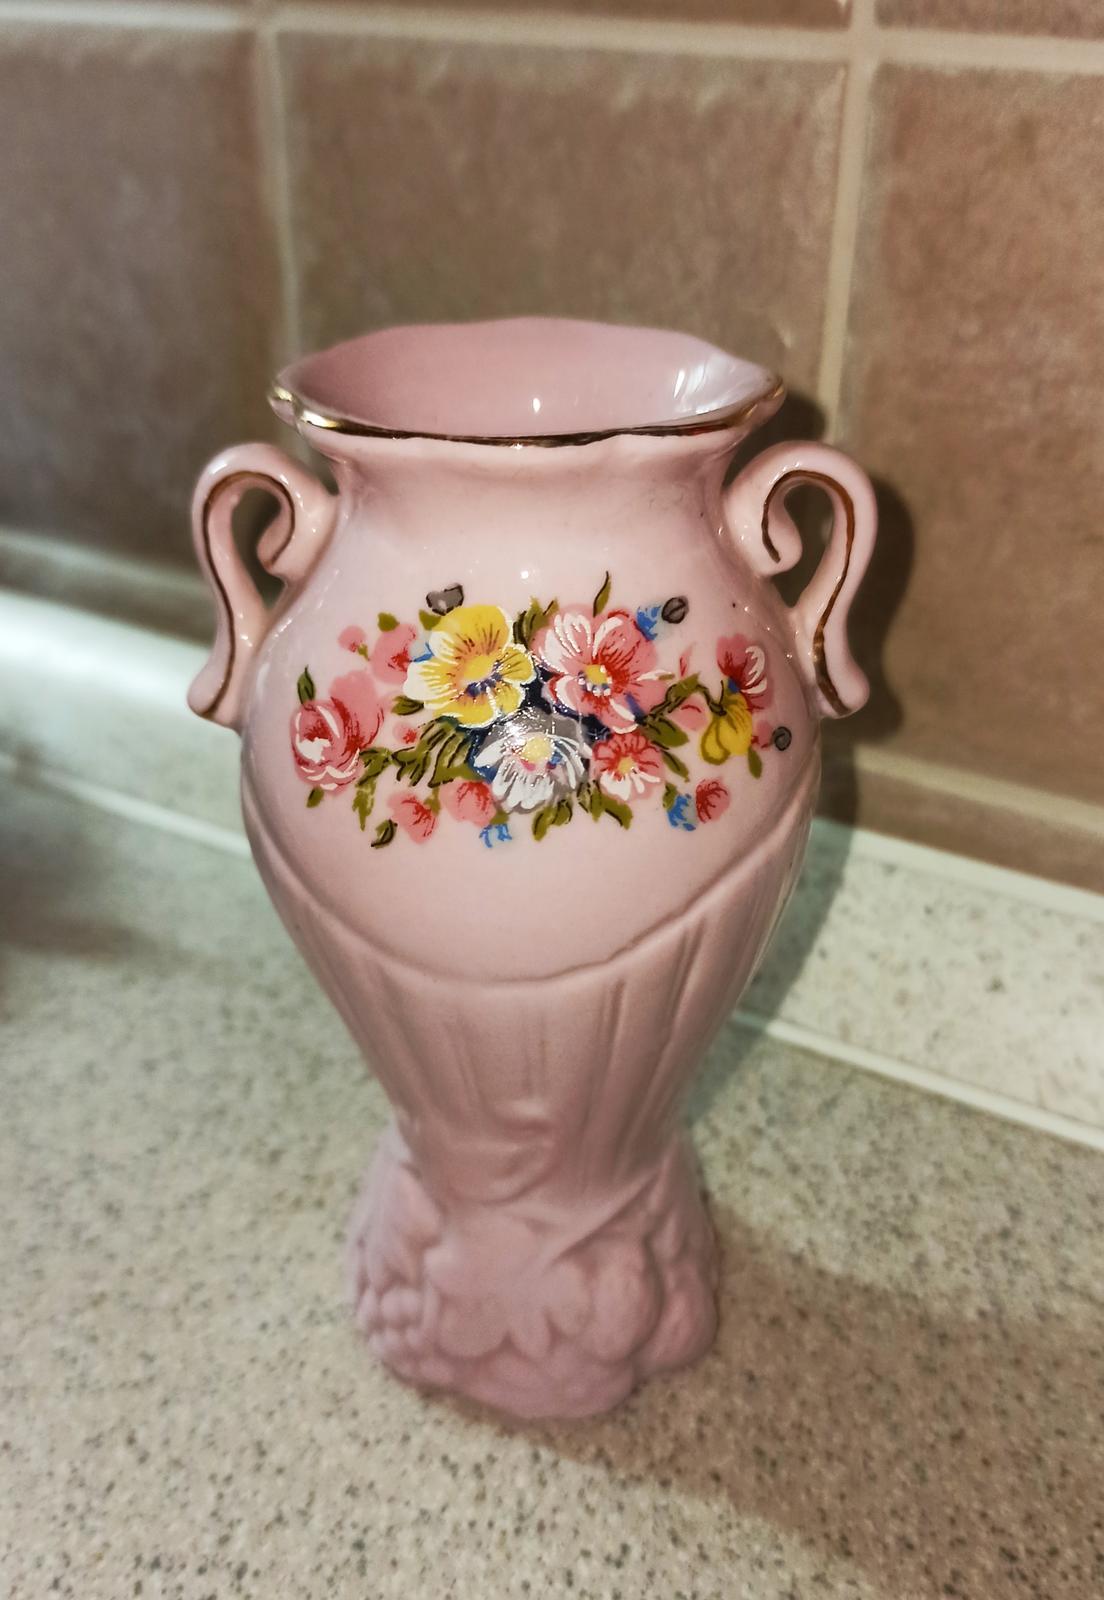 ružová vázička - Obrázok č. 1